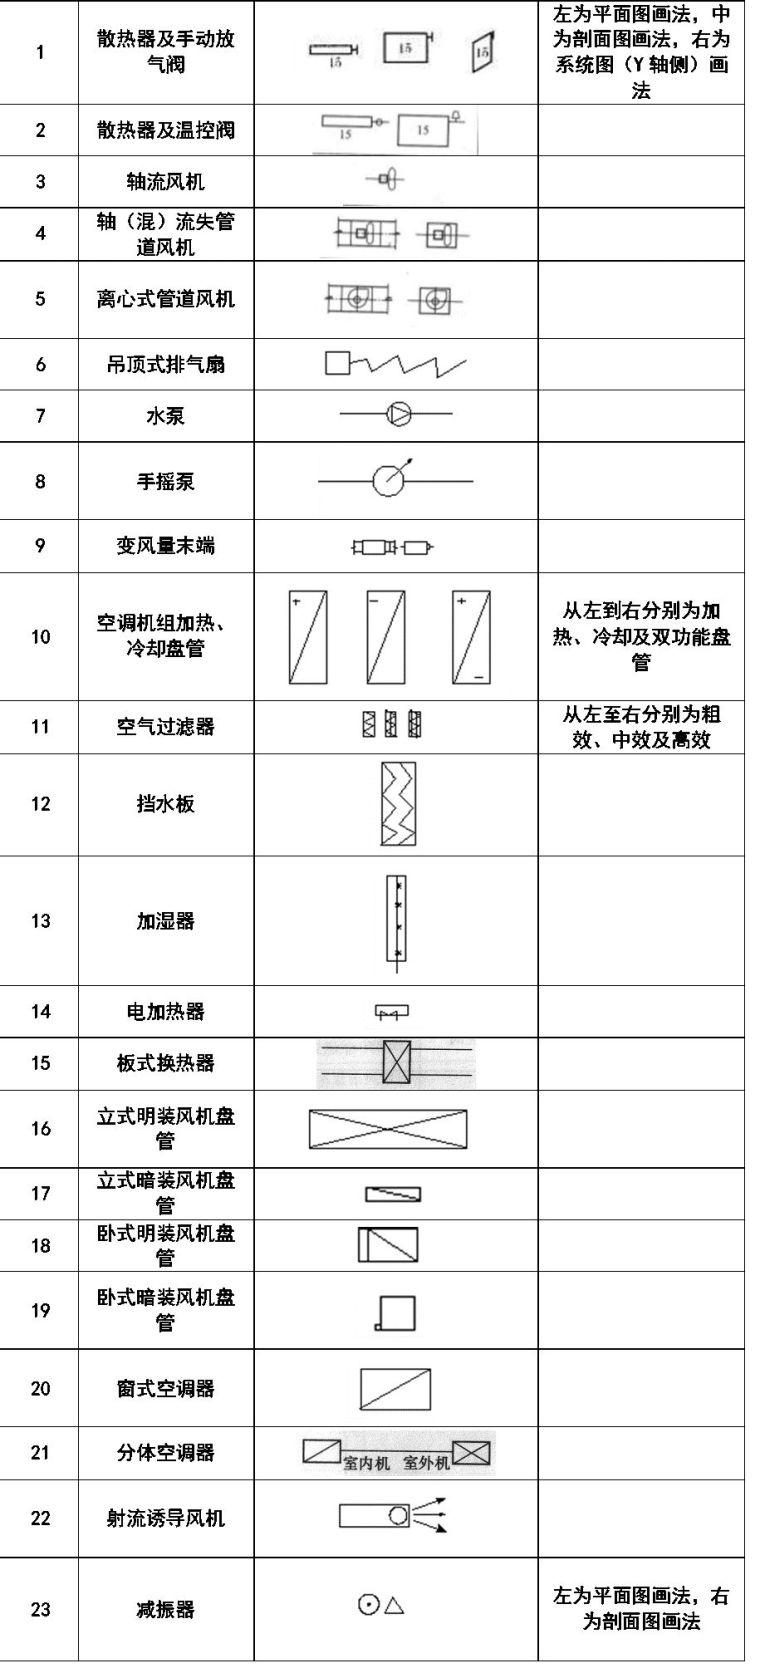 消防工程基本图形符号:   消防工程辅助符号:   消防工程灭火器符号:   消防管路及配件符号:   给排水、采暖常用图例:   通风空调工程常用图例:   风道代号